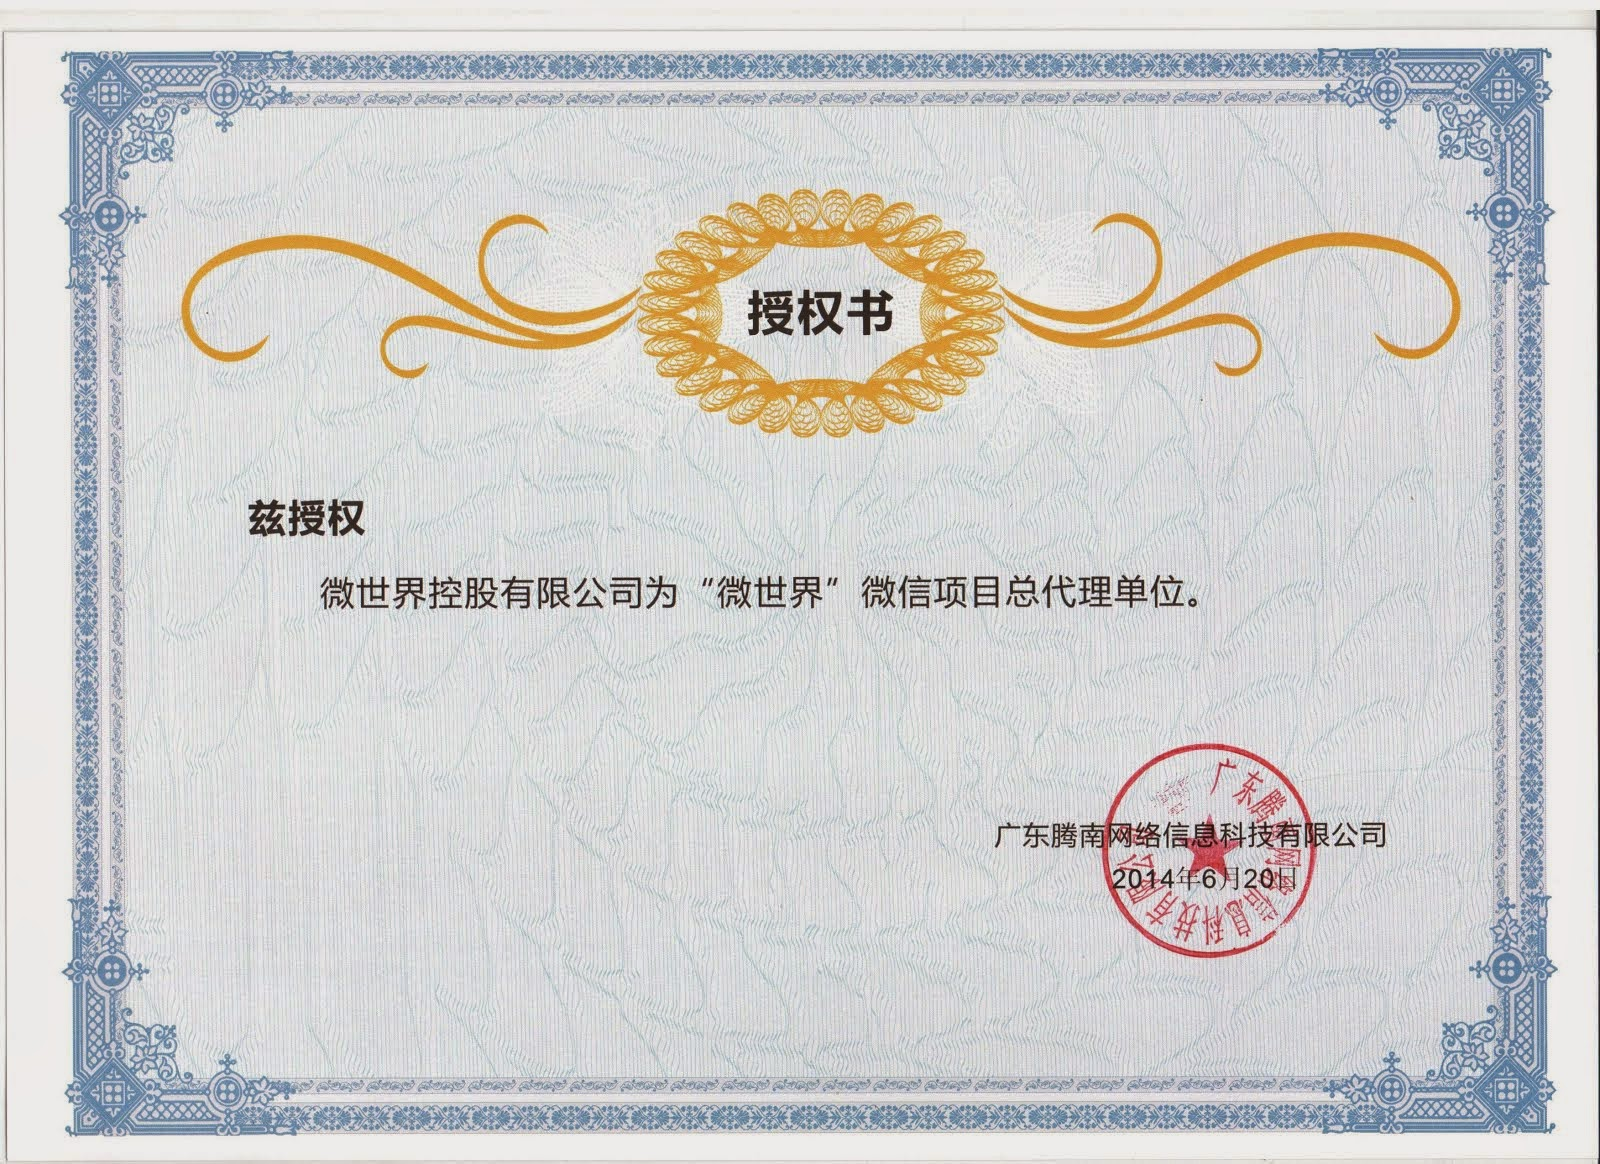 騰訊大粵微世界項目授權